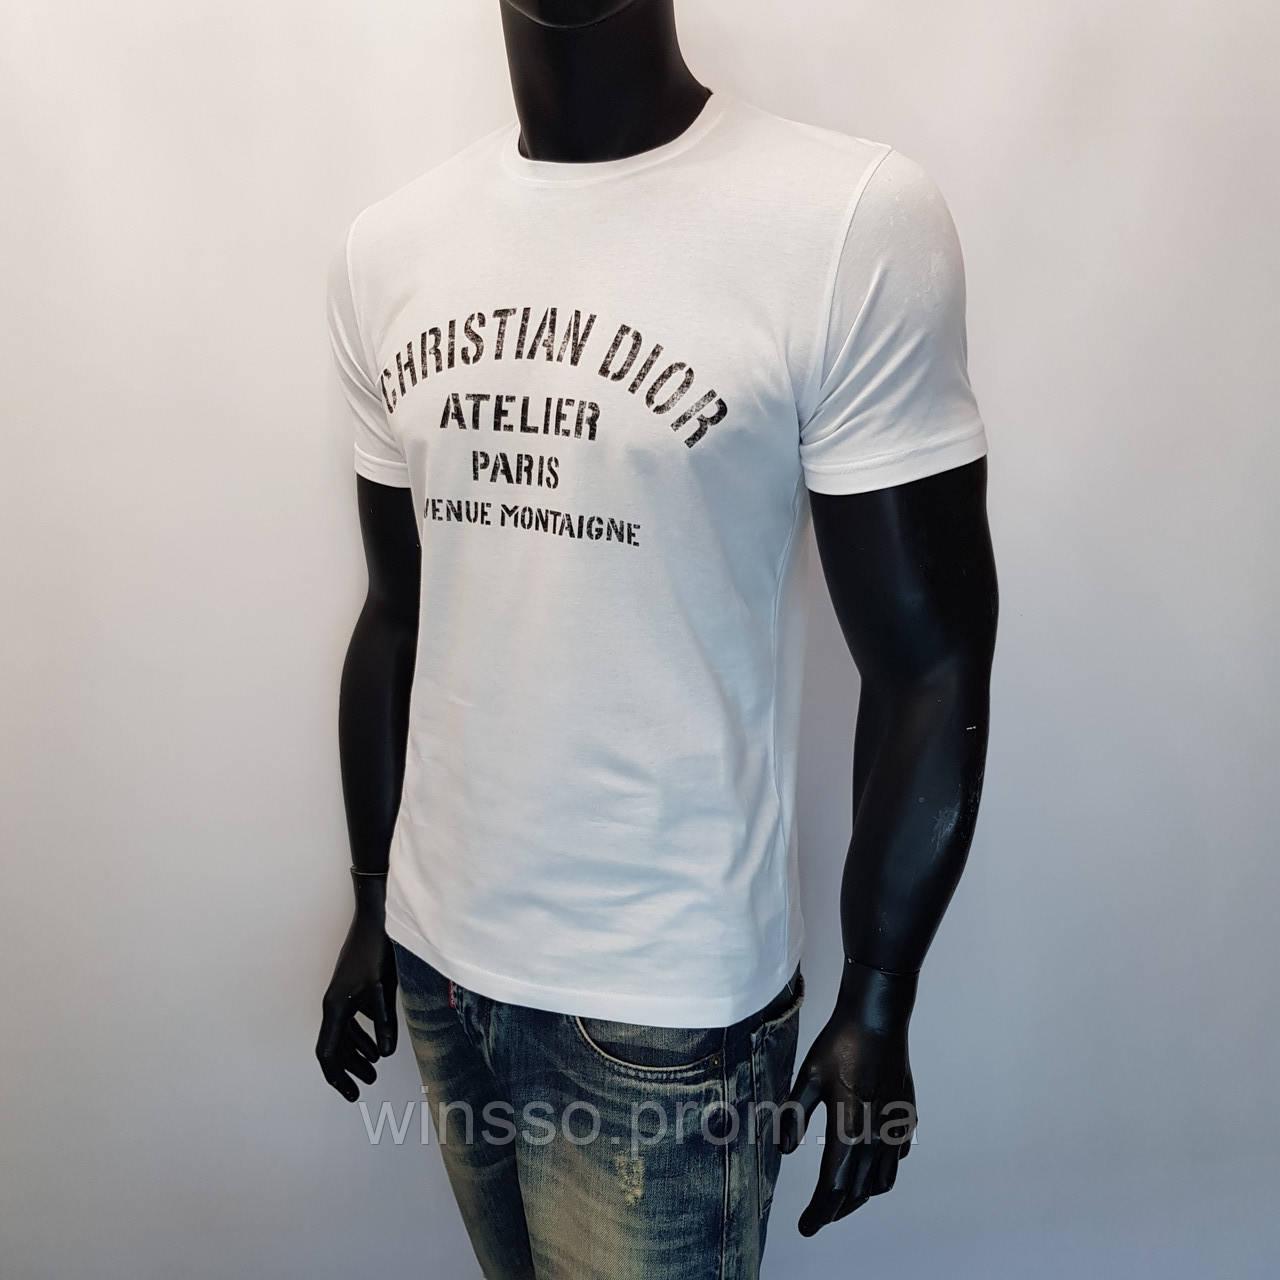 Мужская футболка белая с надписью